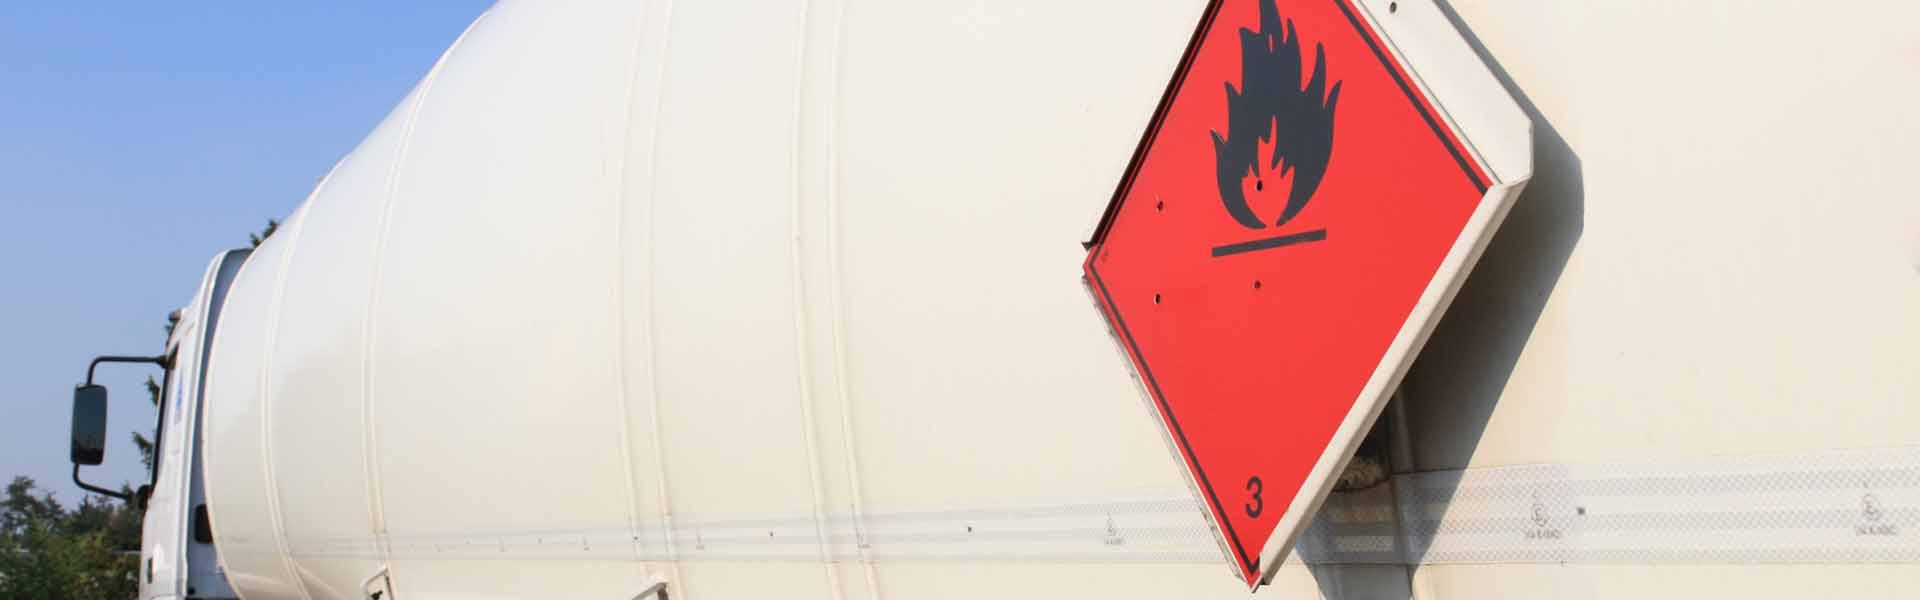 Kennzeichen für Gefahrgut - Gestaltung